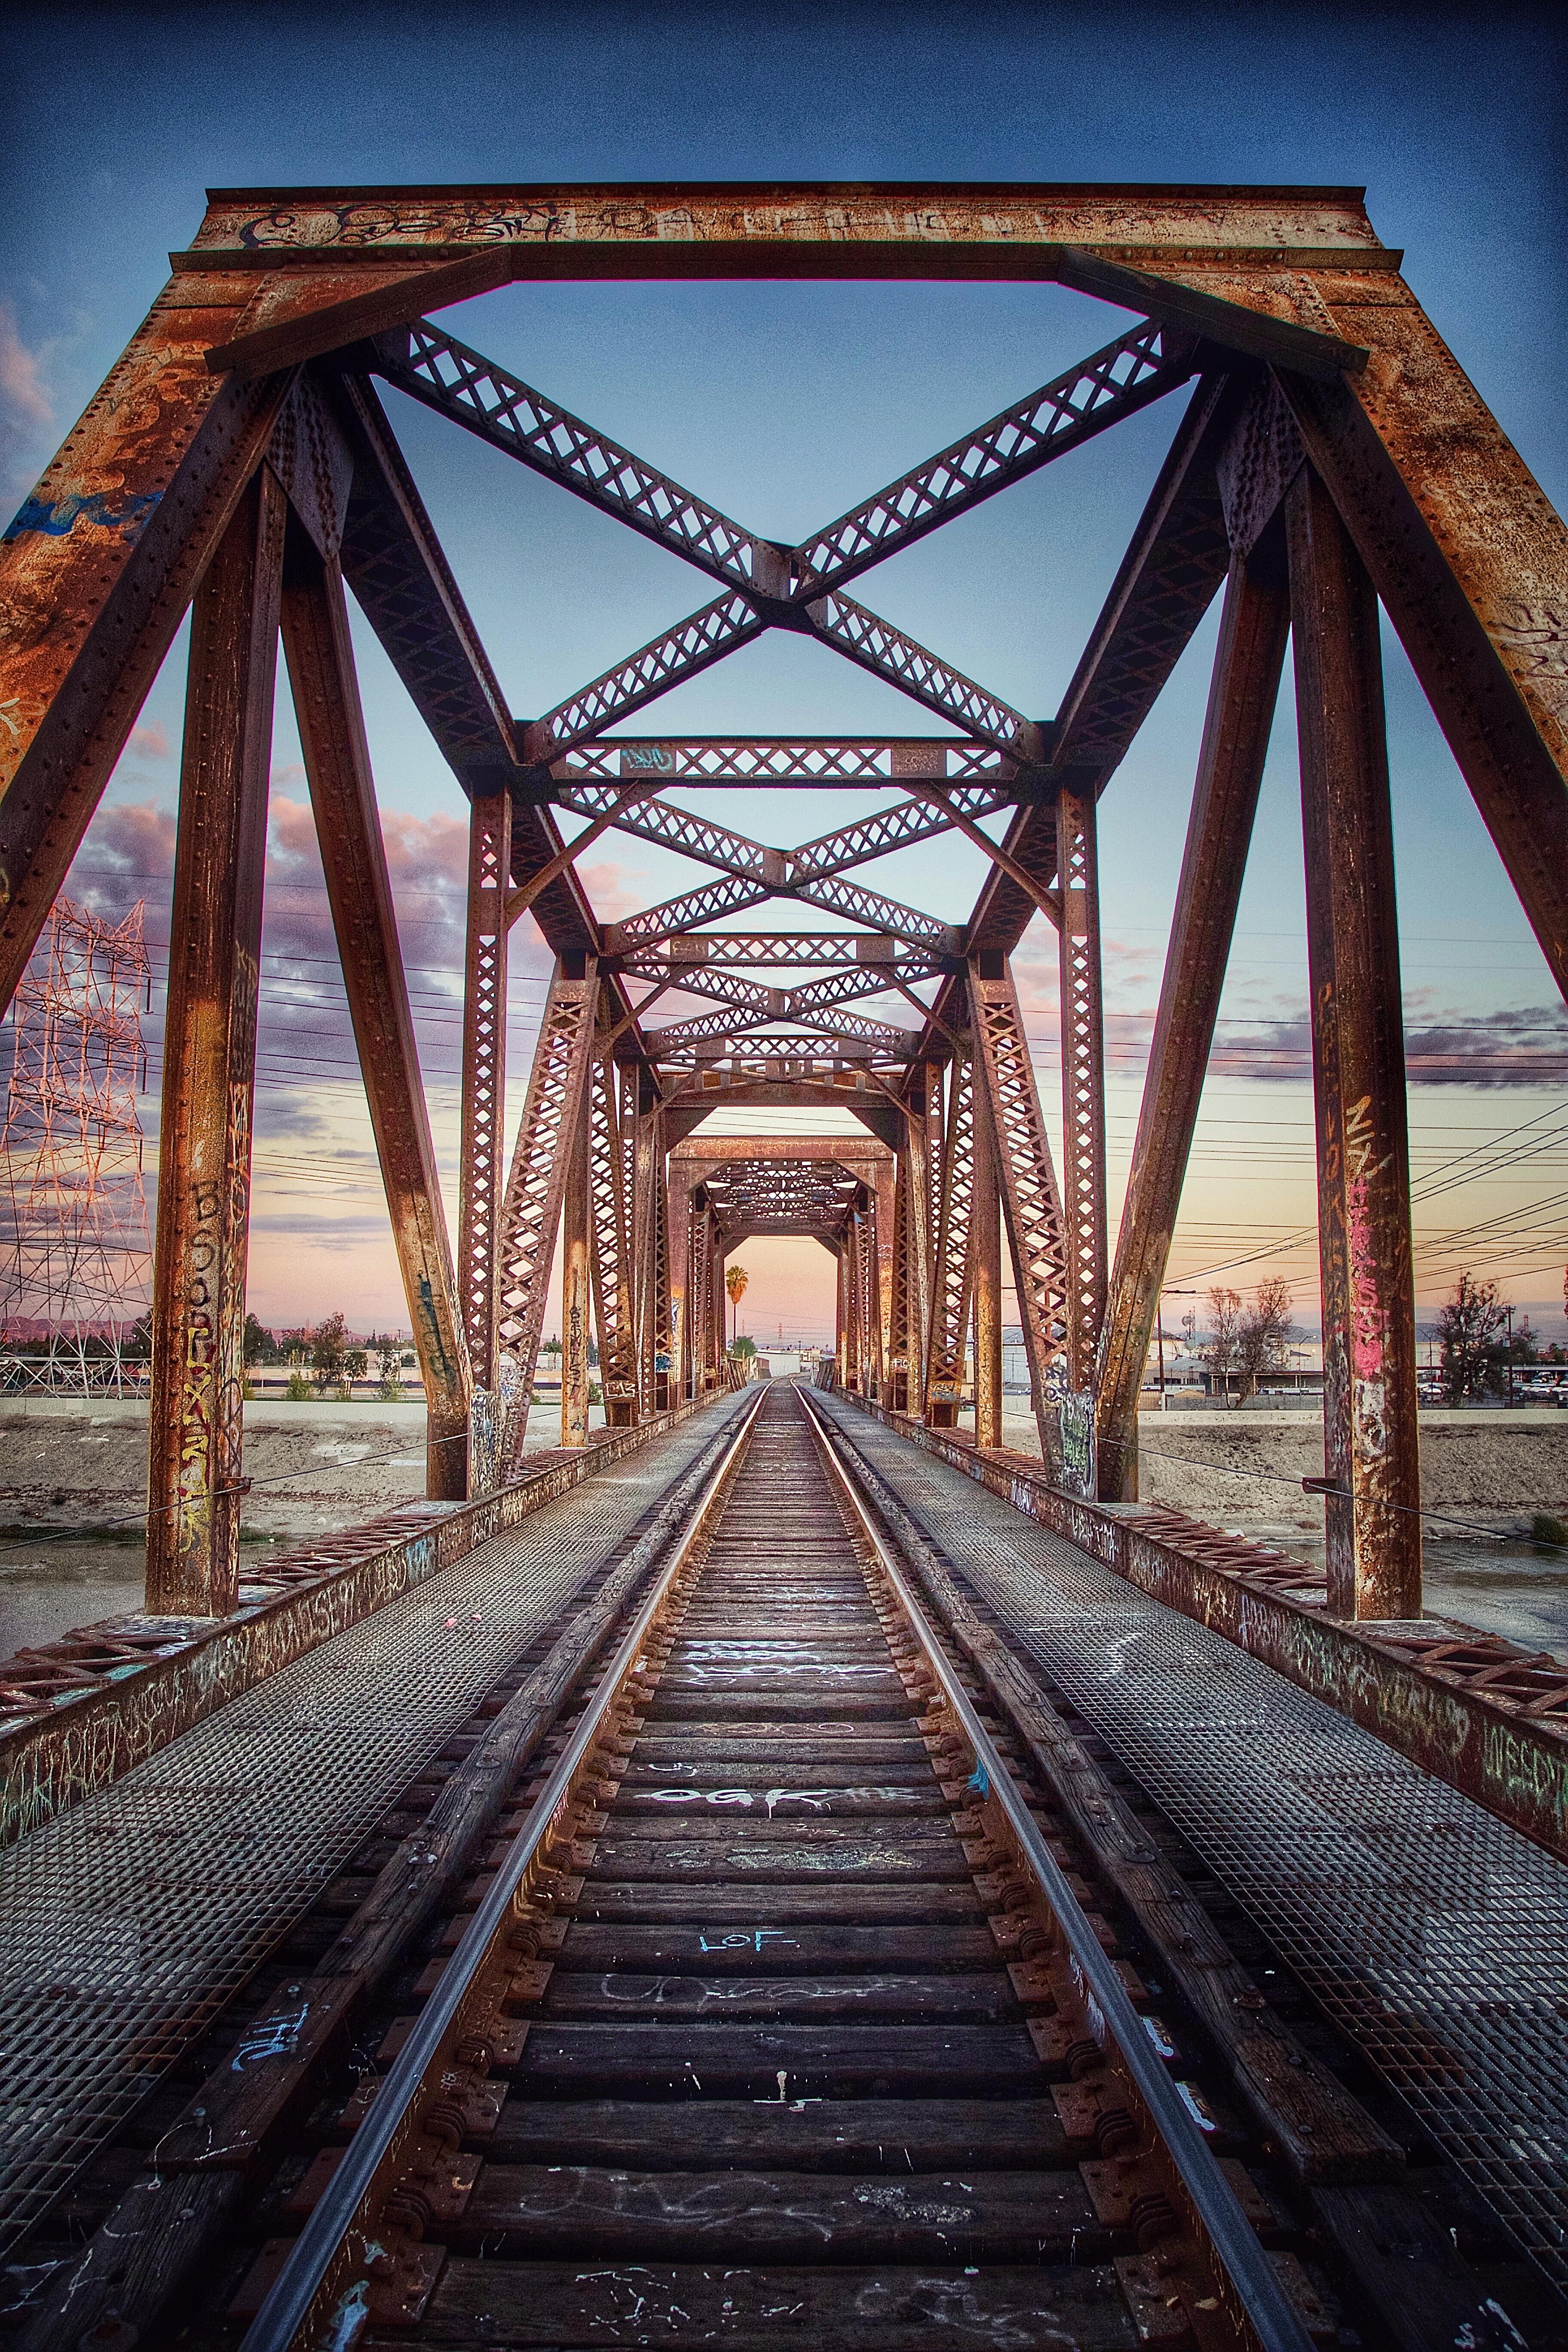 12. South Gate Bridge